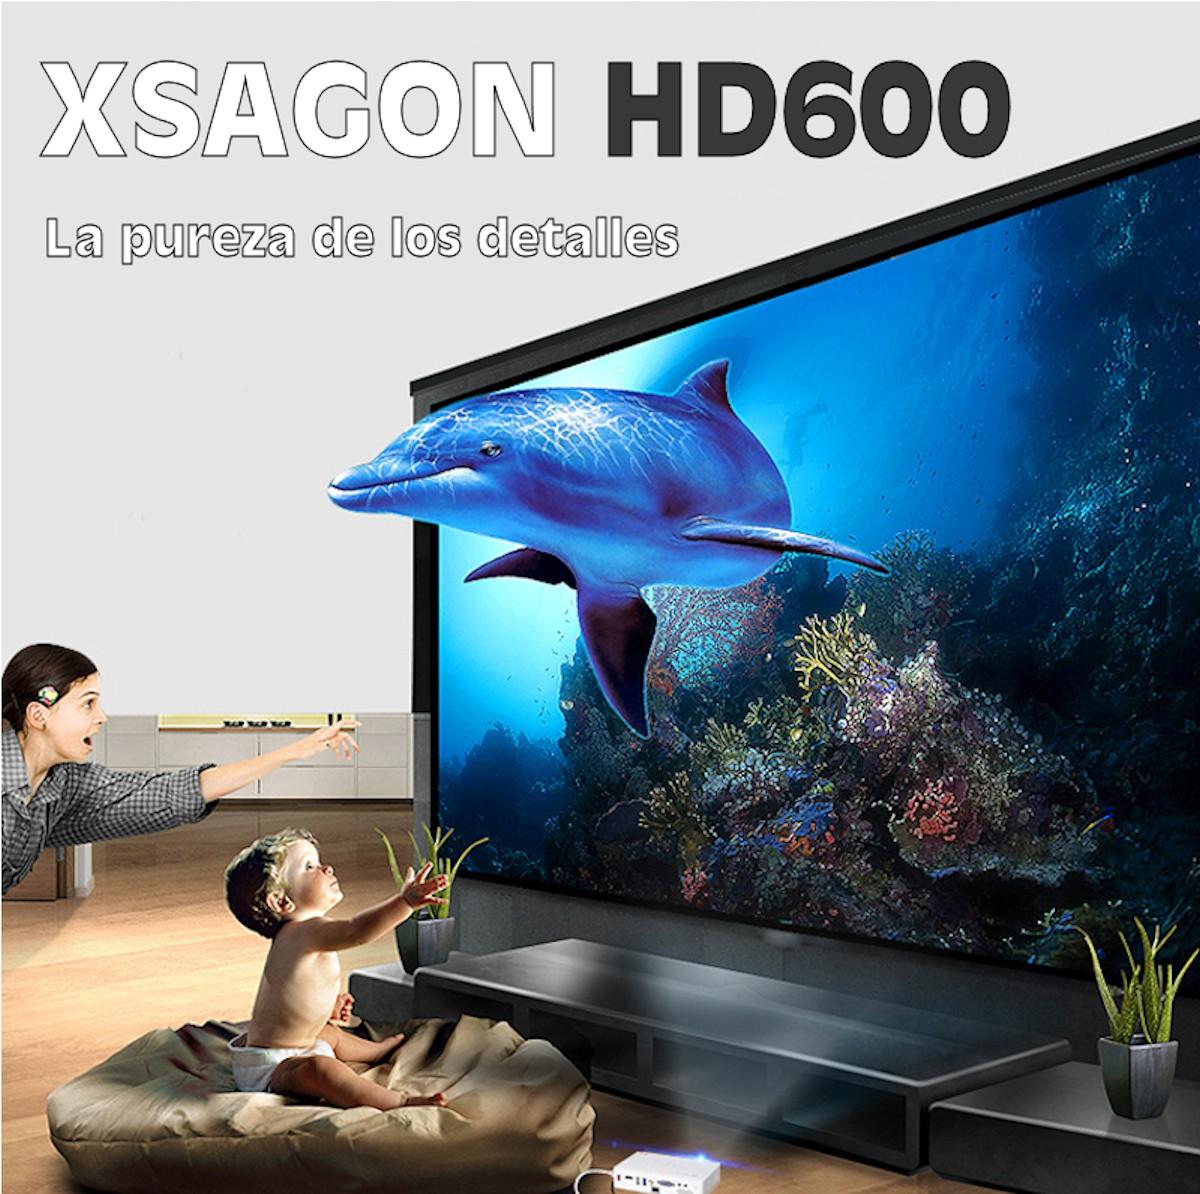 Xsagon HD600 la pureza de los detalles